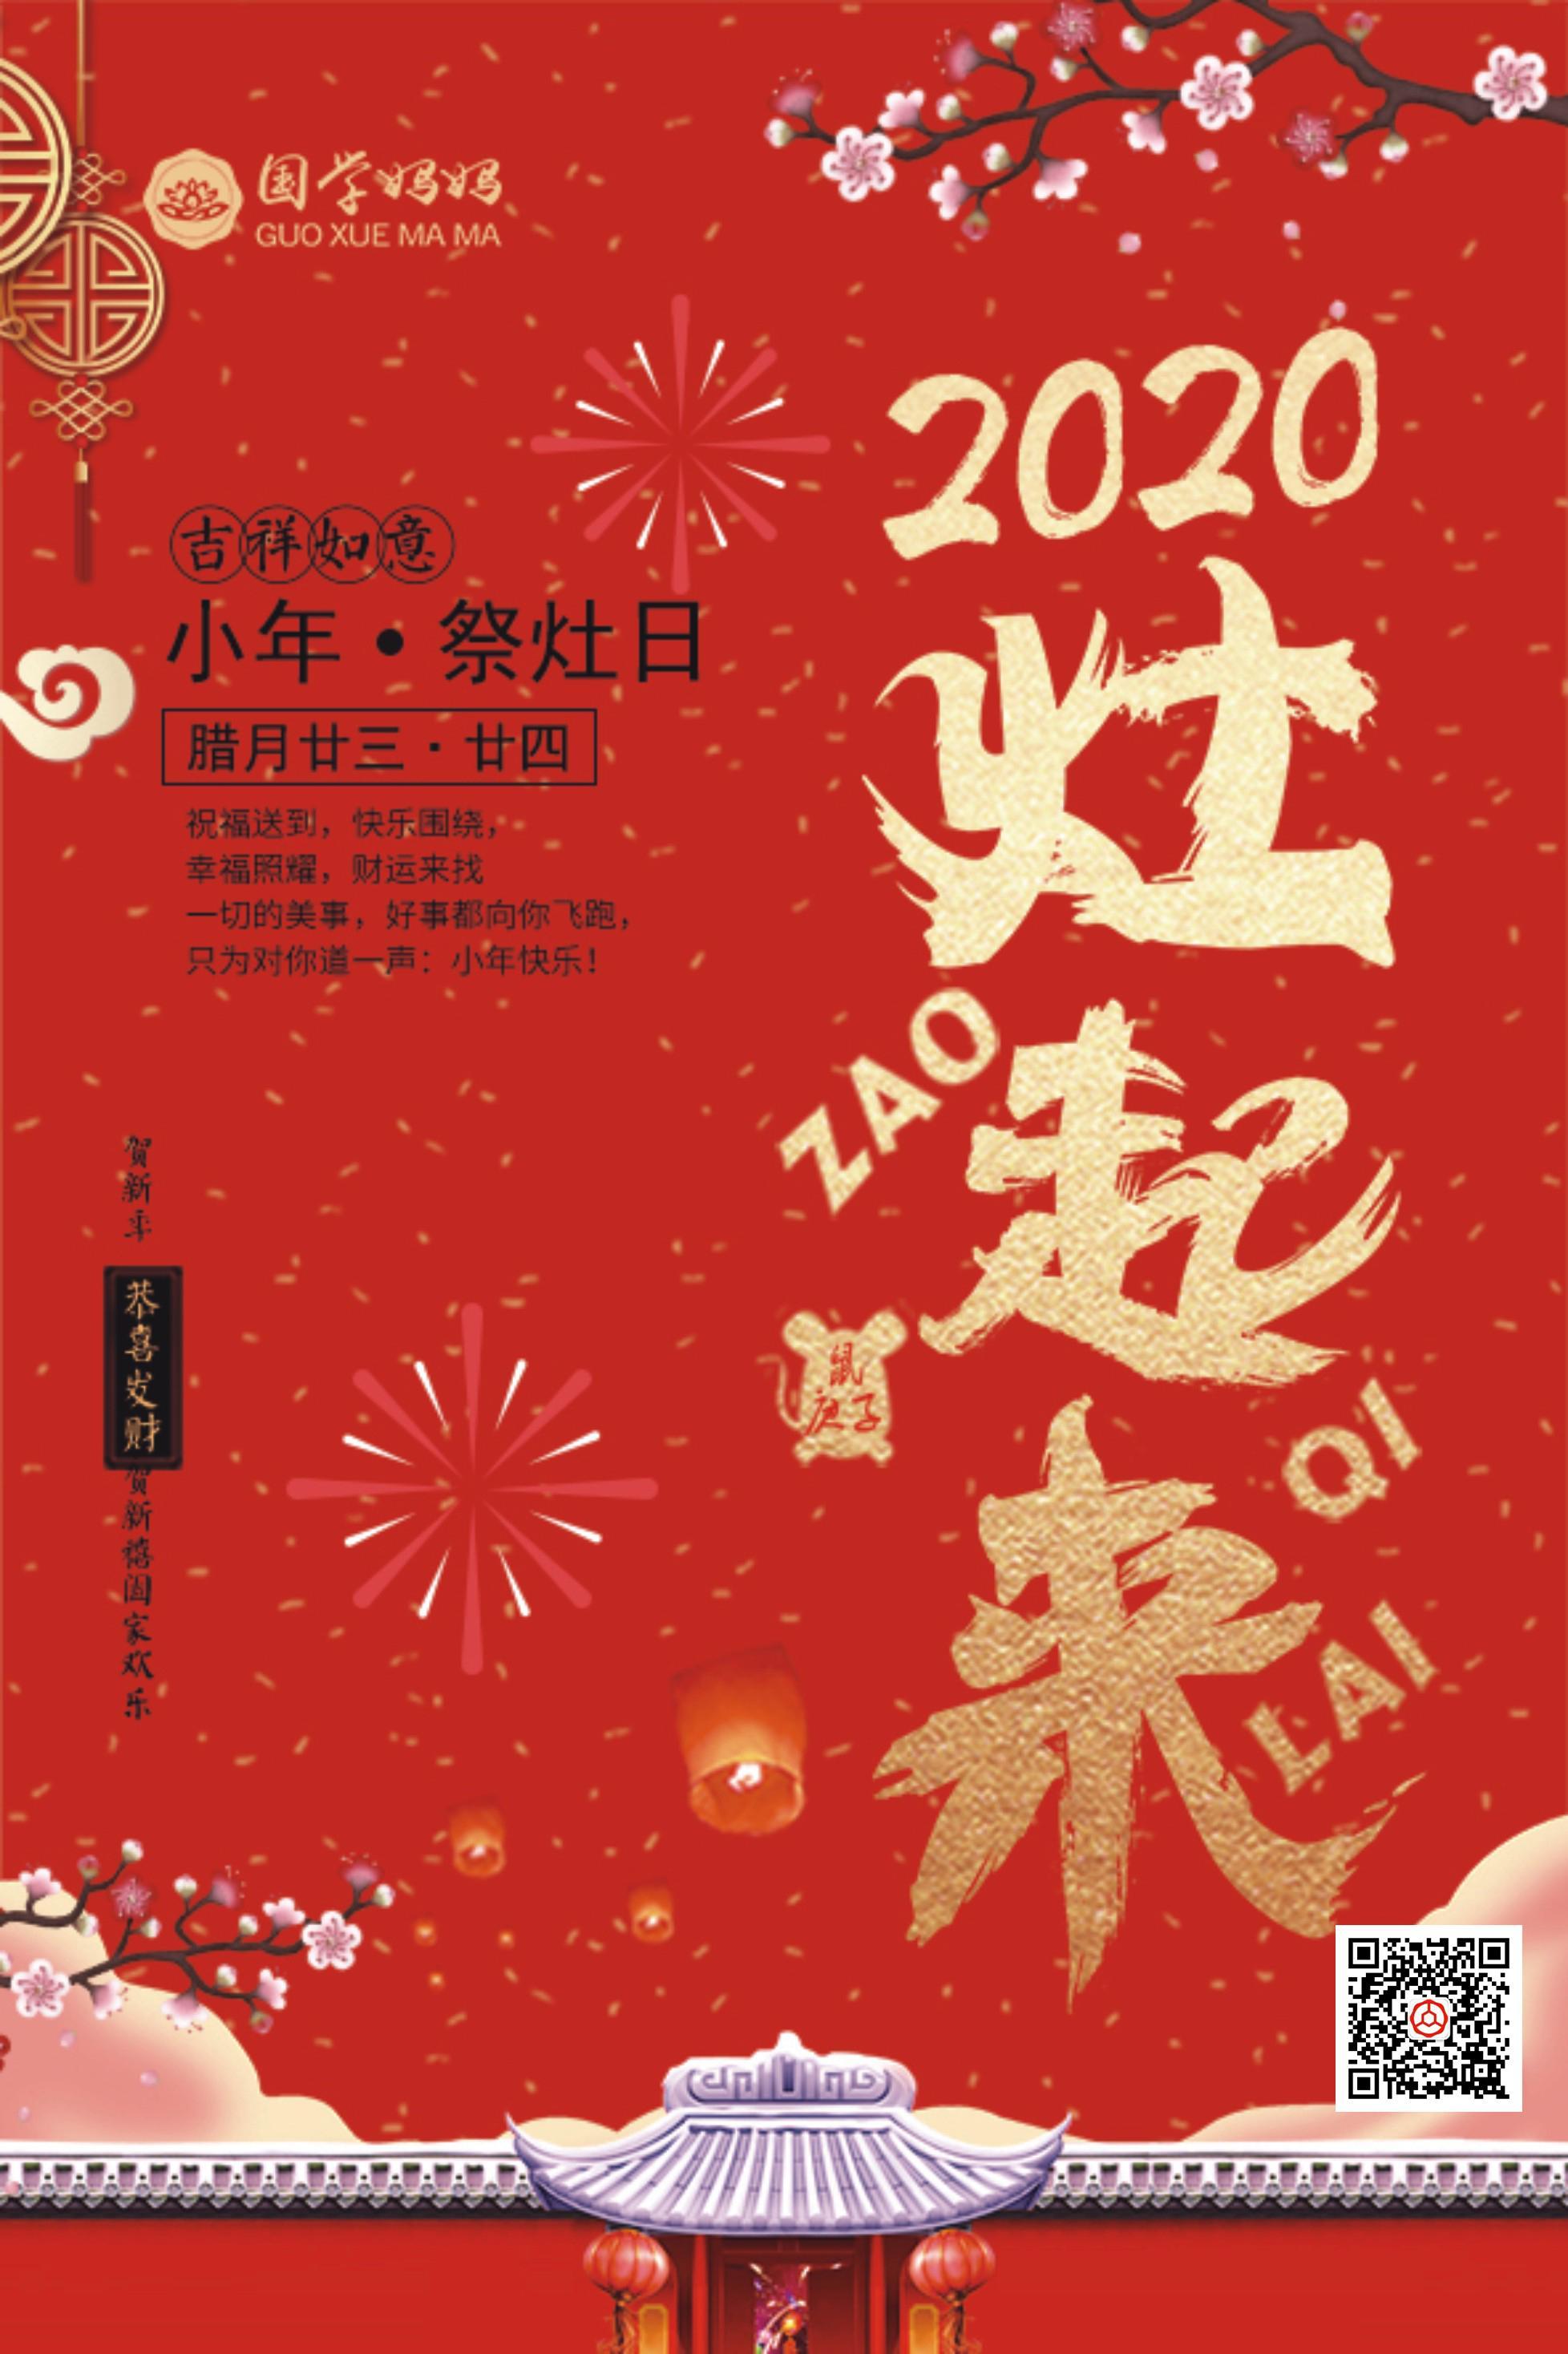 欢喜中国年丨过小年啦,有啥讲究你知道吗?